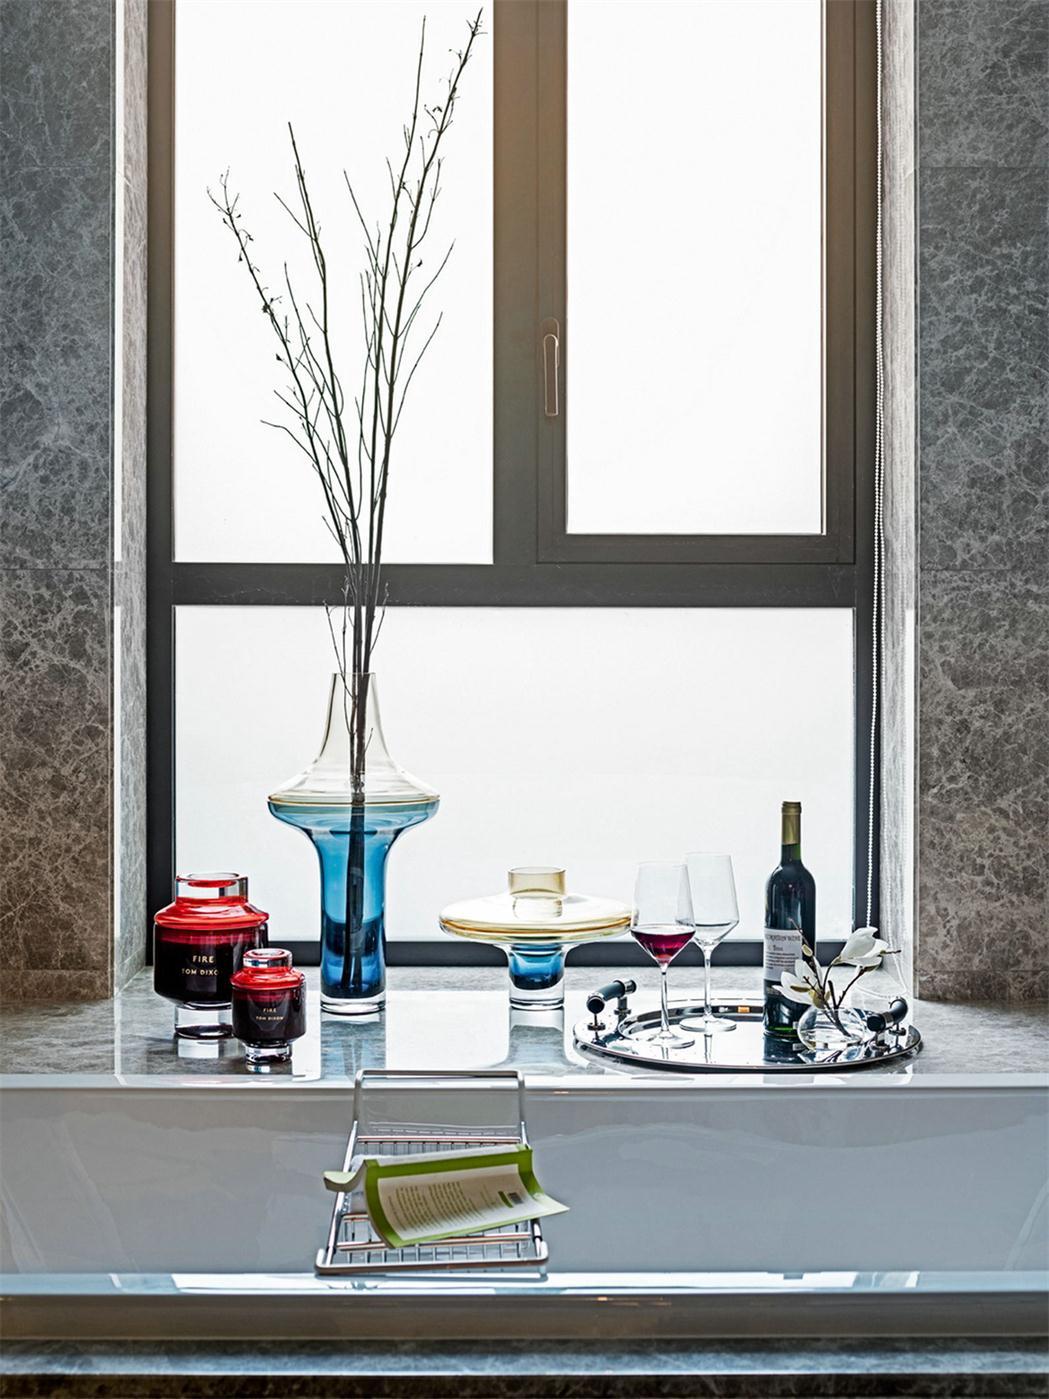 铝塑木门窗选择慕派铝业|质量放心,价格合理!